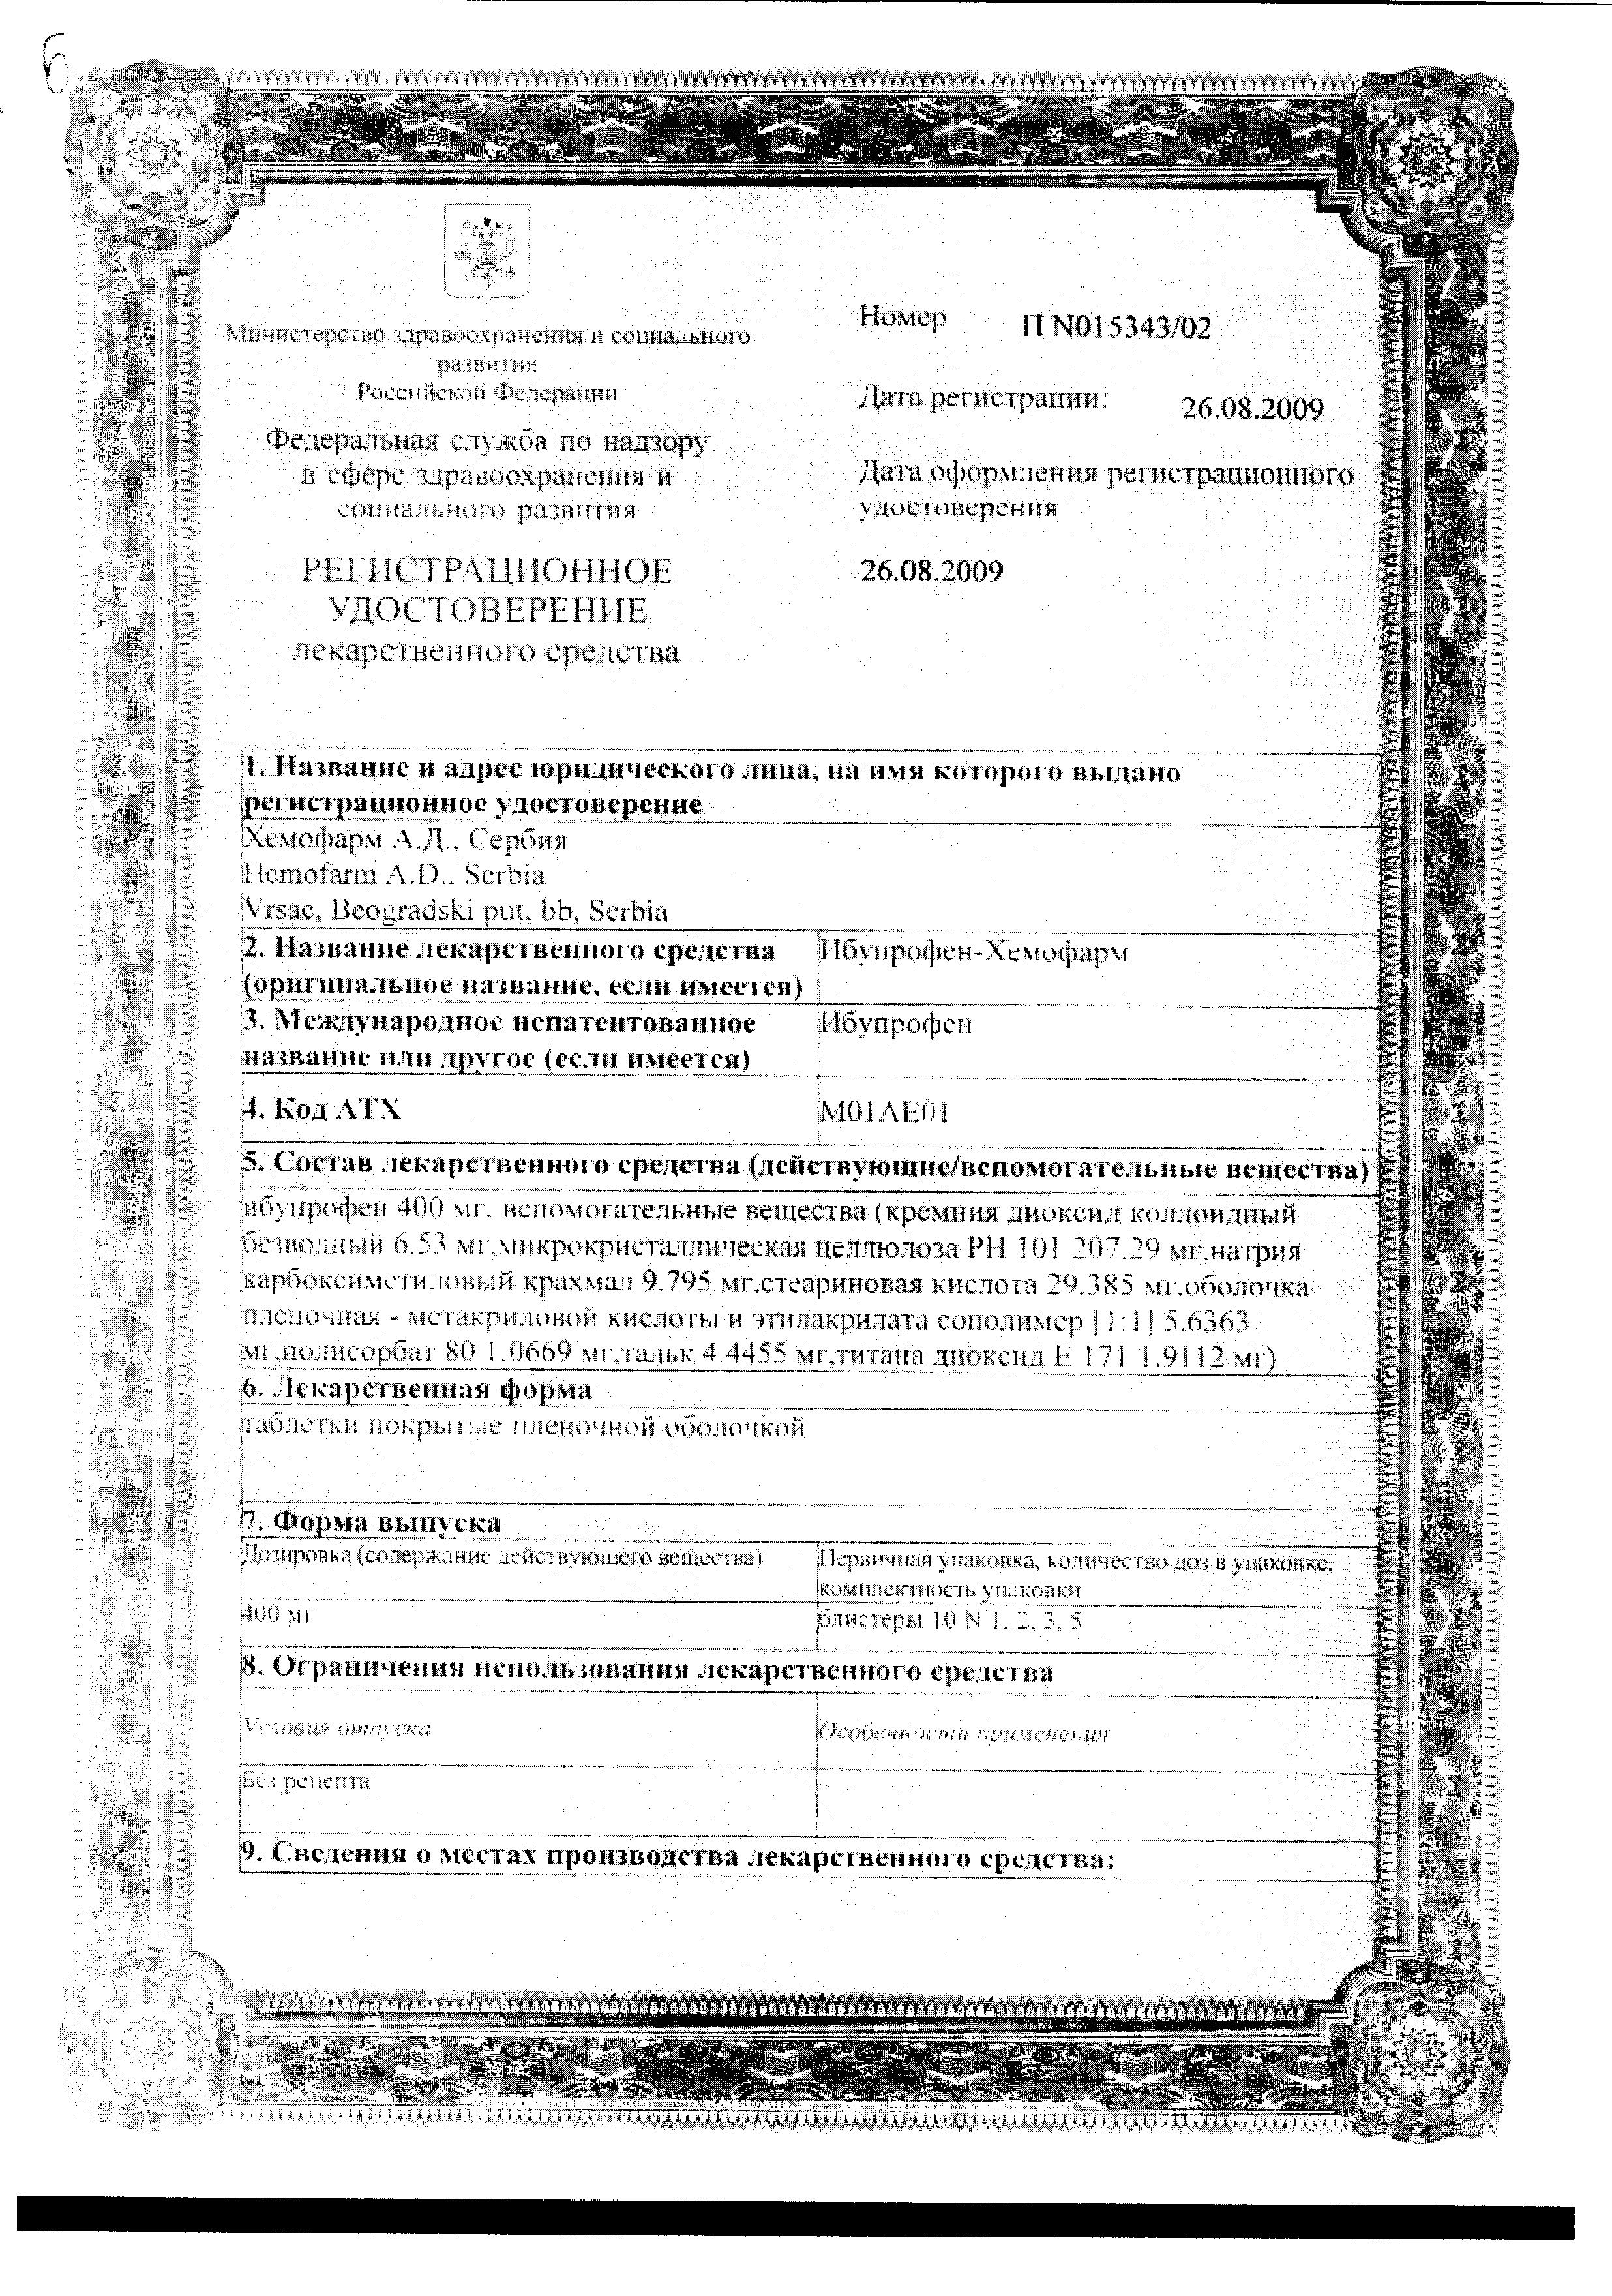 Ибупрофен-Хемофарм сертификат